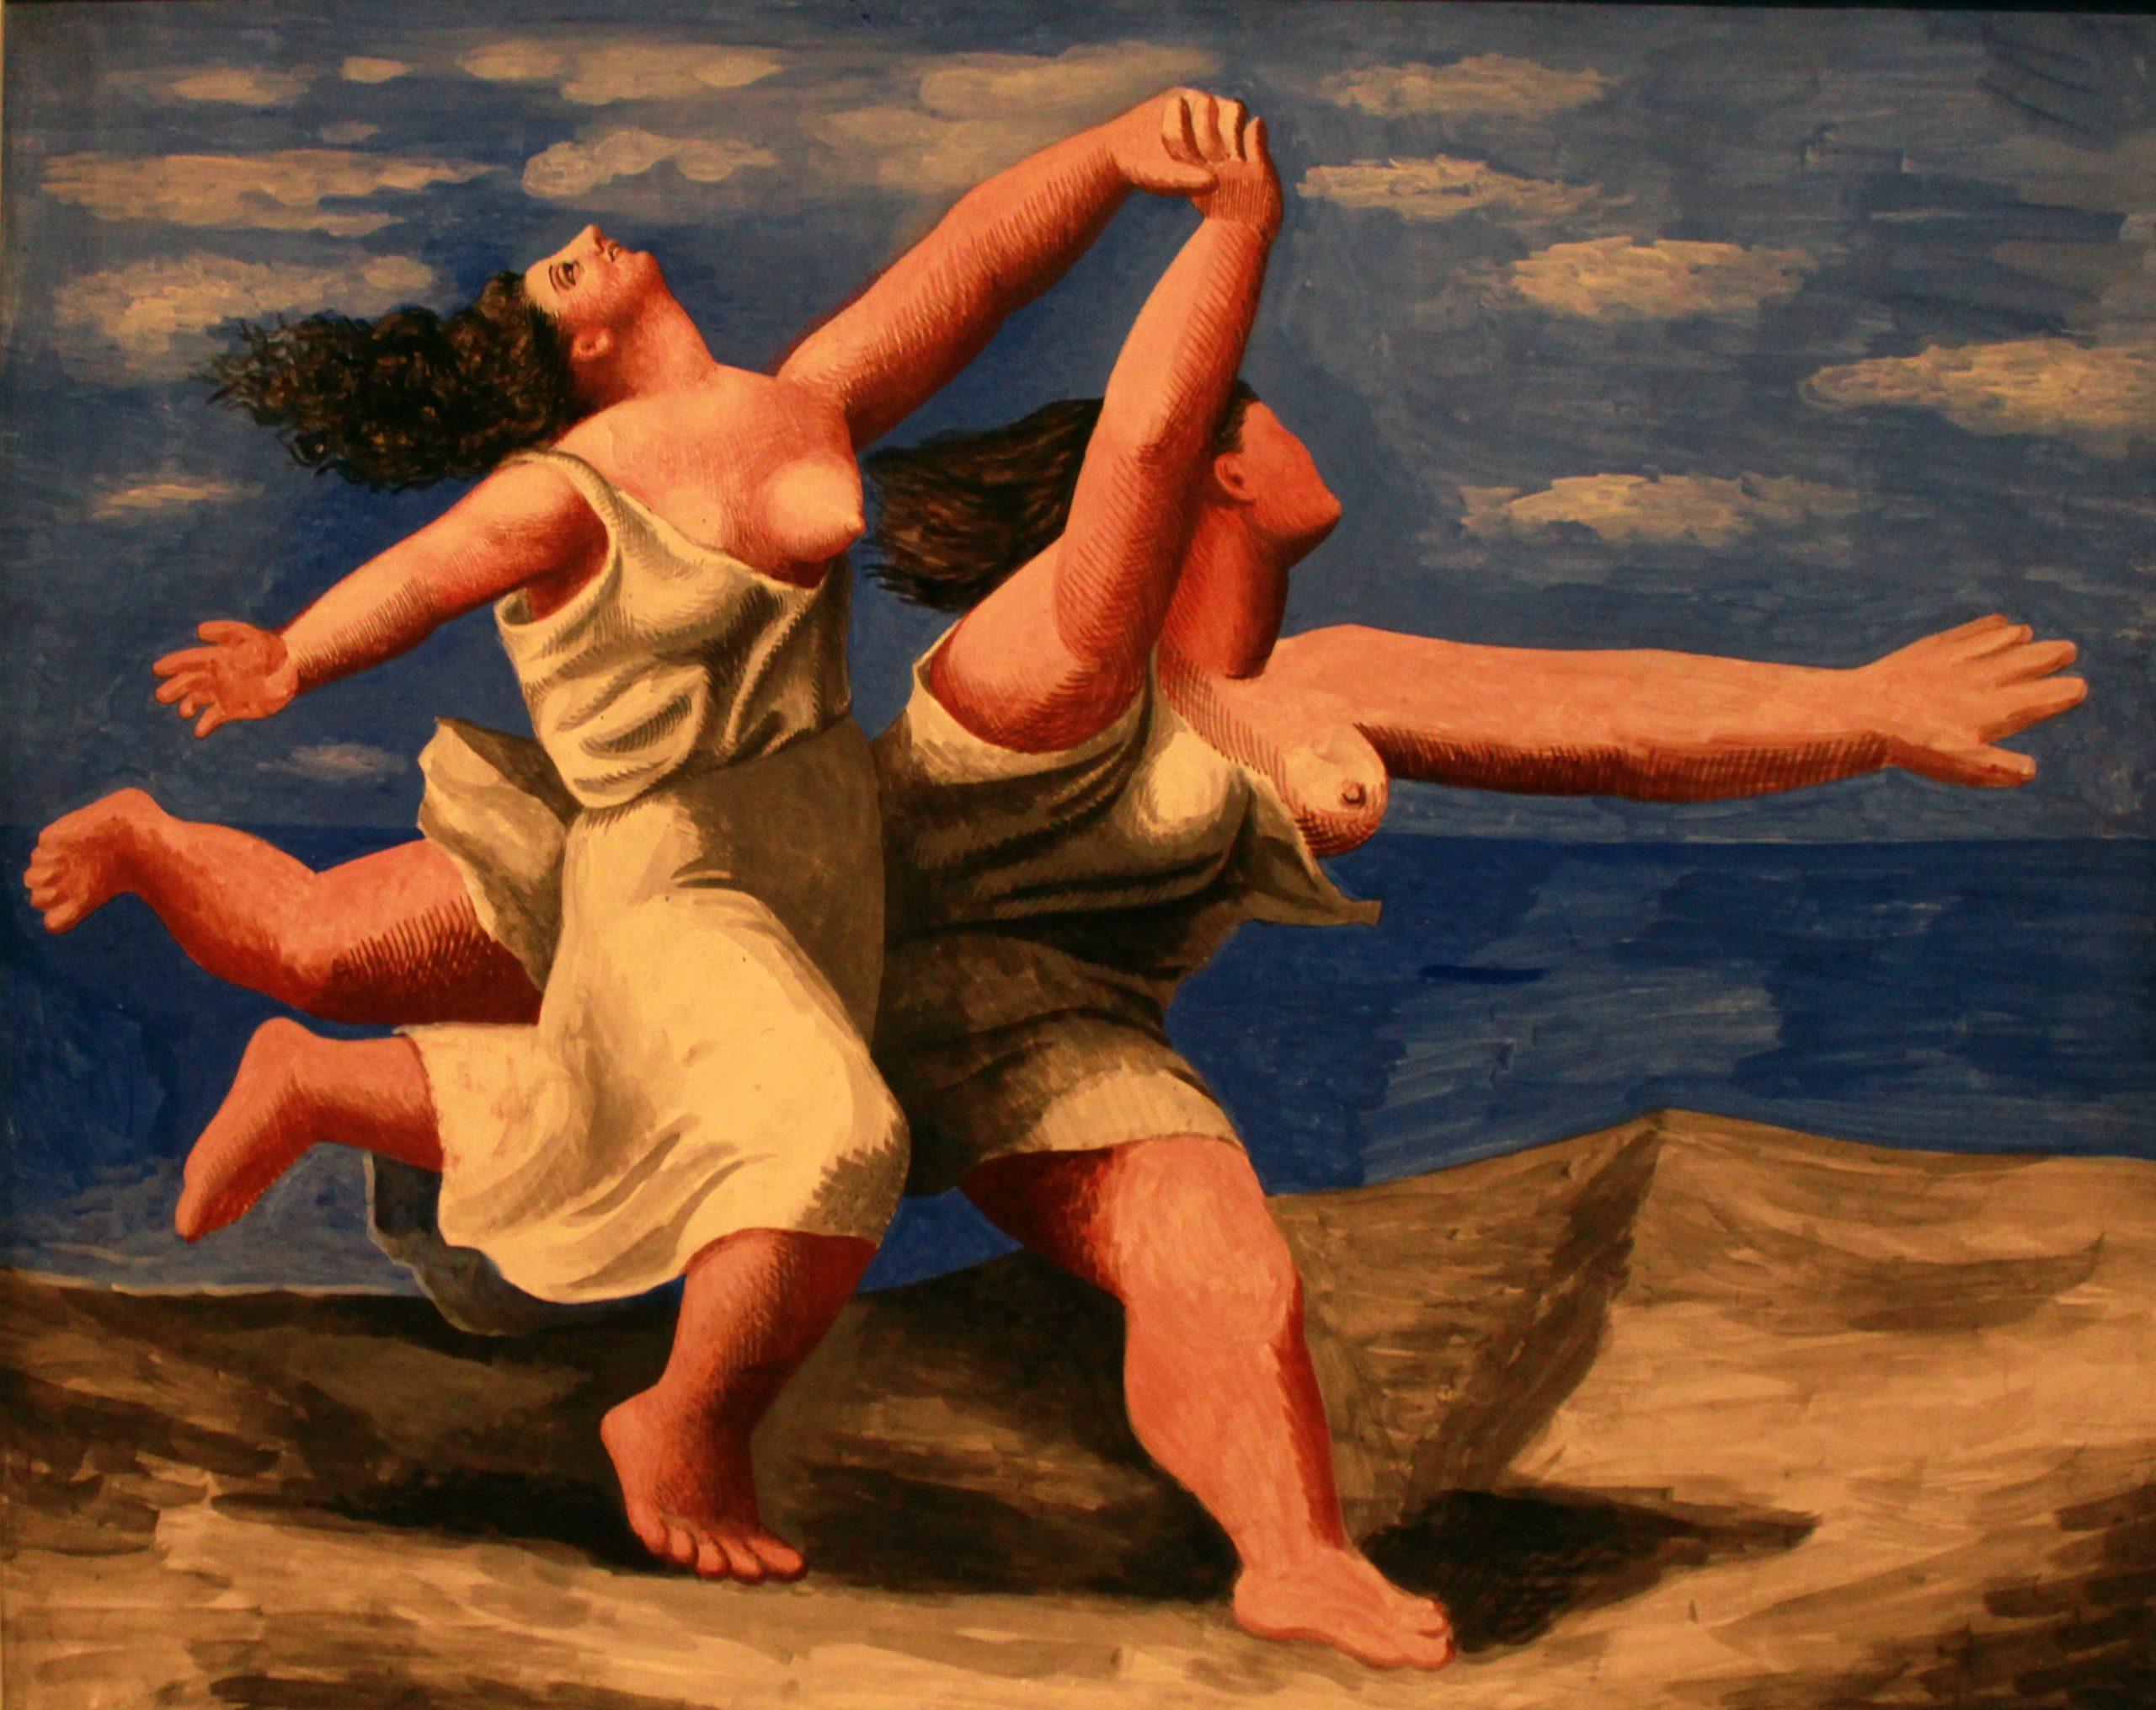 10 provas de que Picasso desenhava melhor do que você imaginava